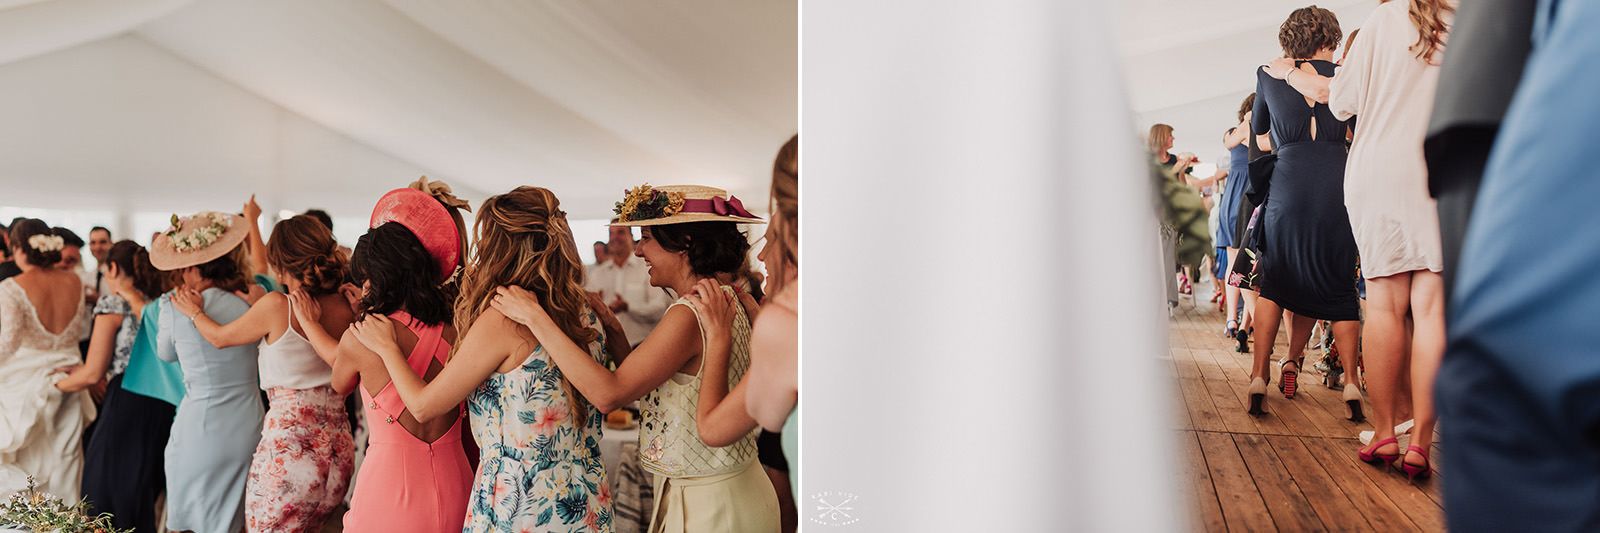 fotógrafo de bodas en calahorra-148